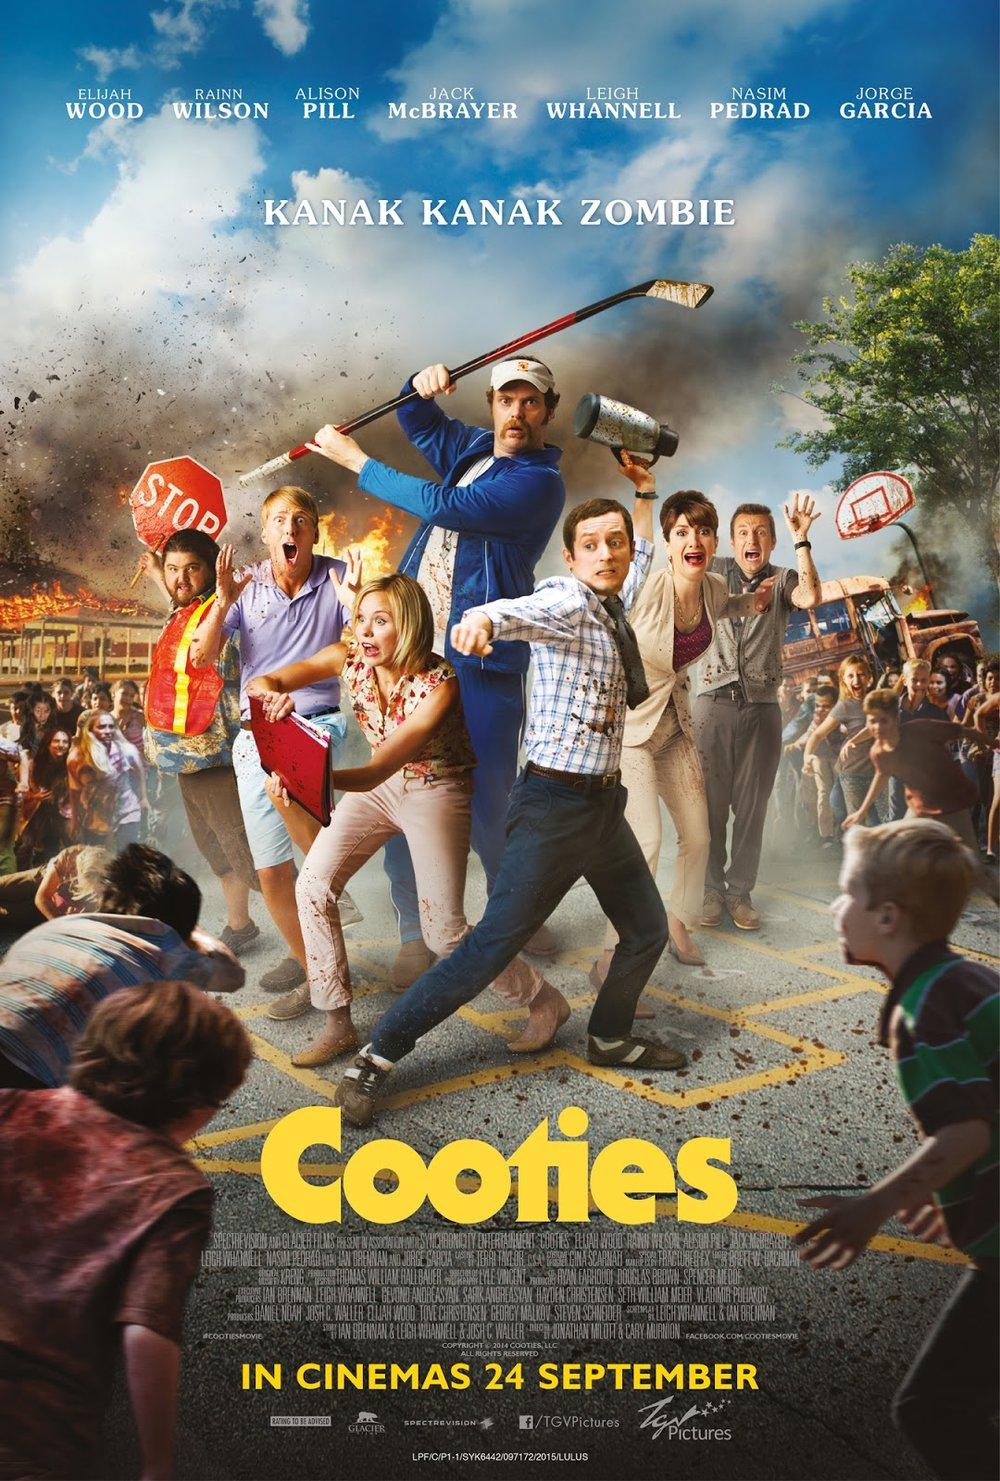 Cooties_Poster27x40_02.jpg